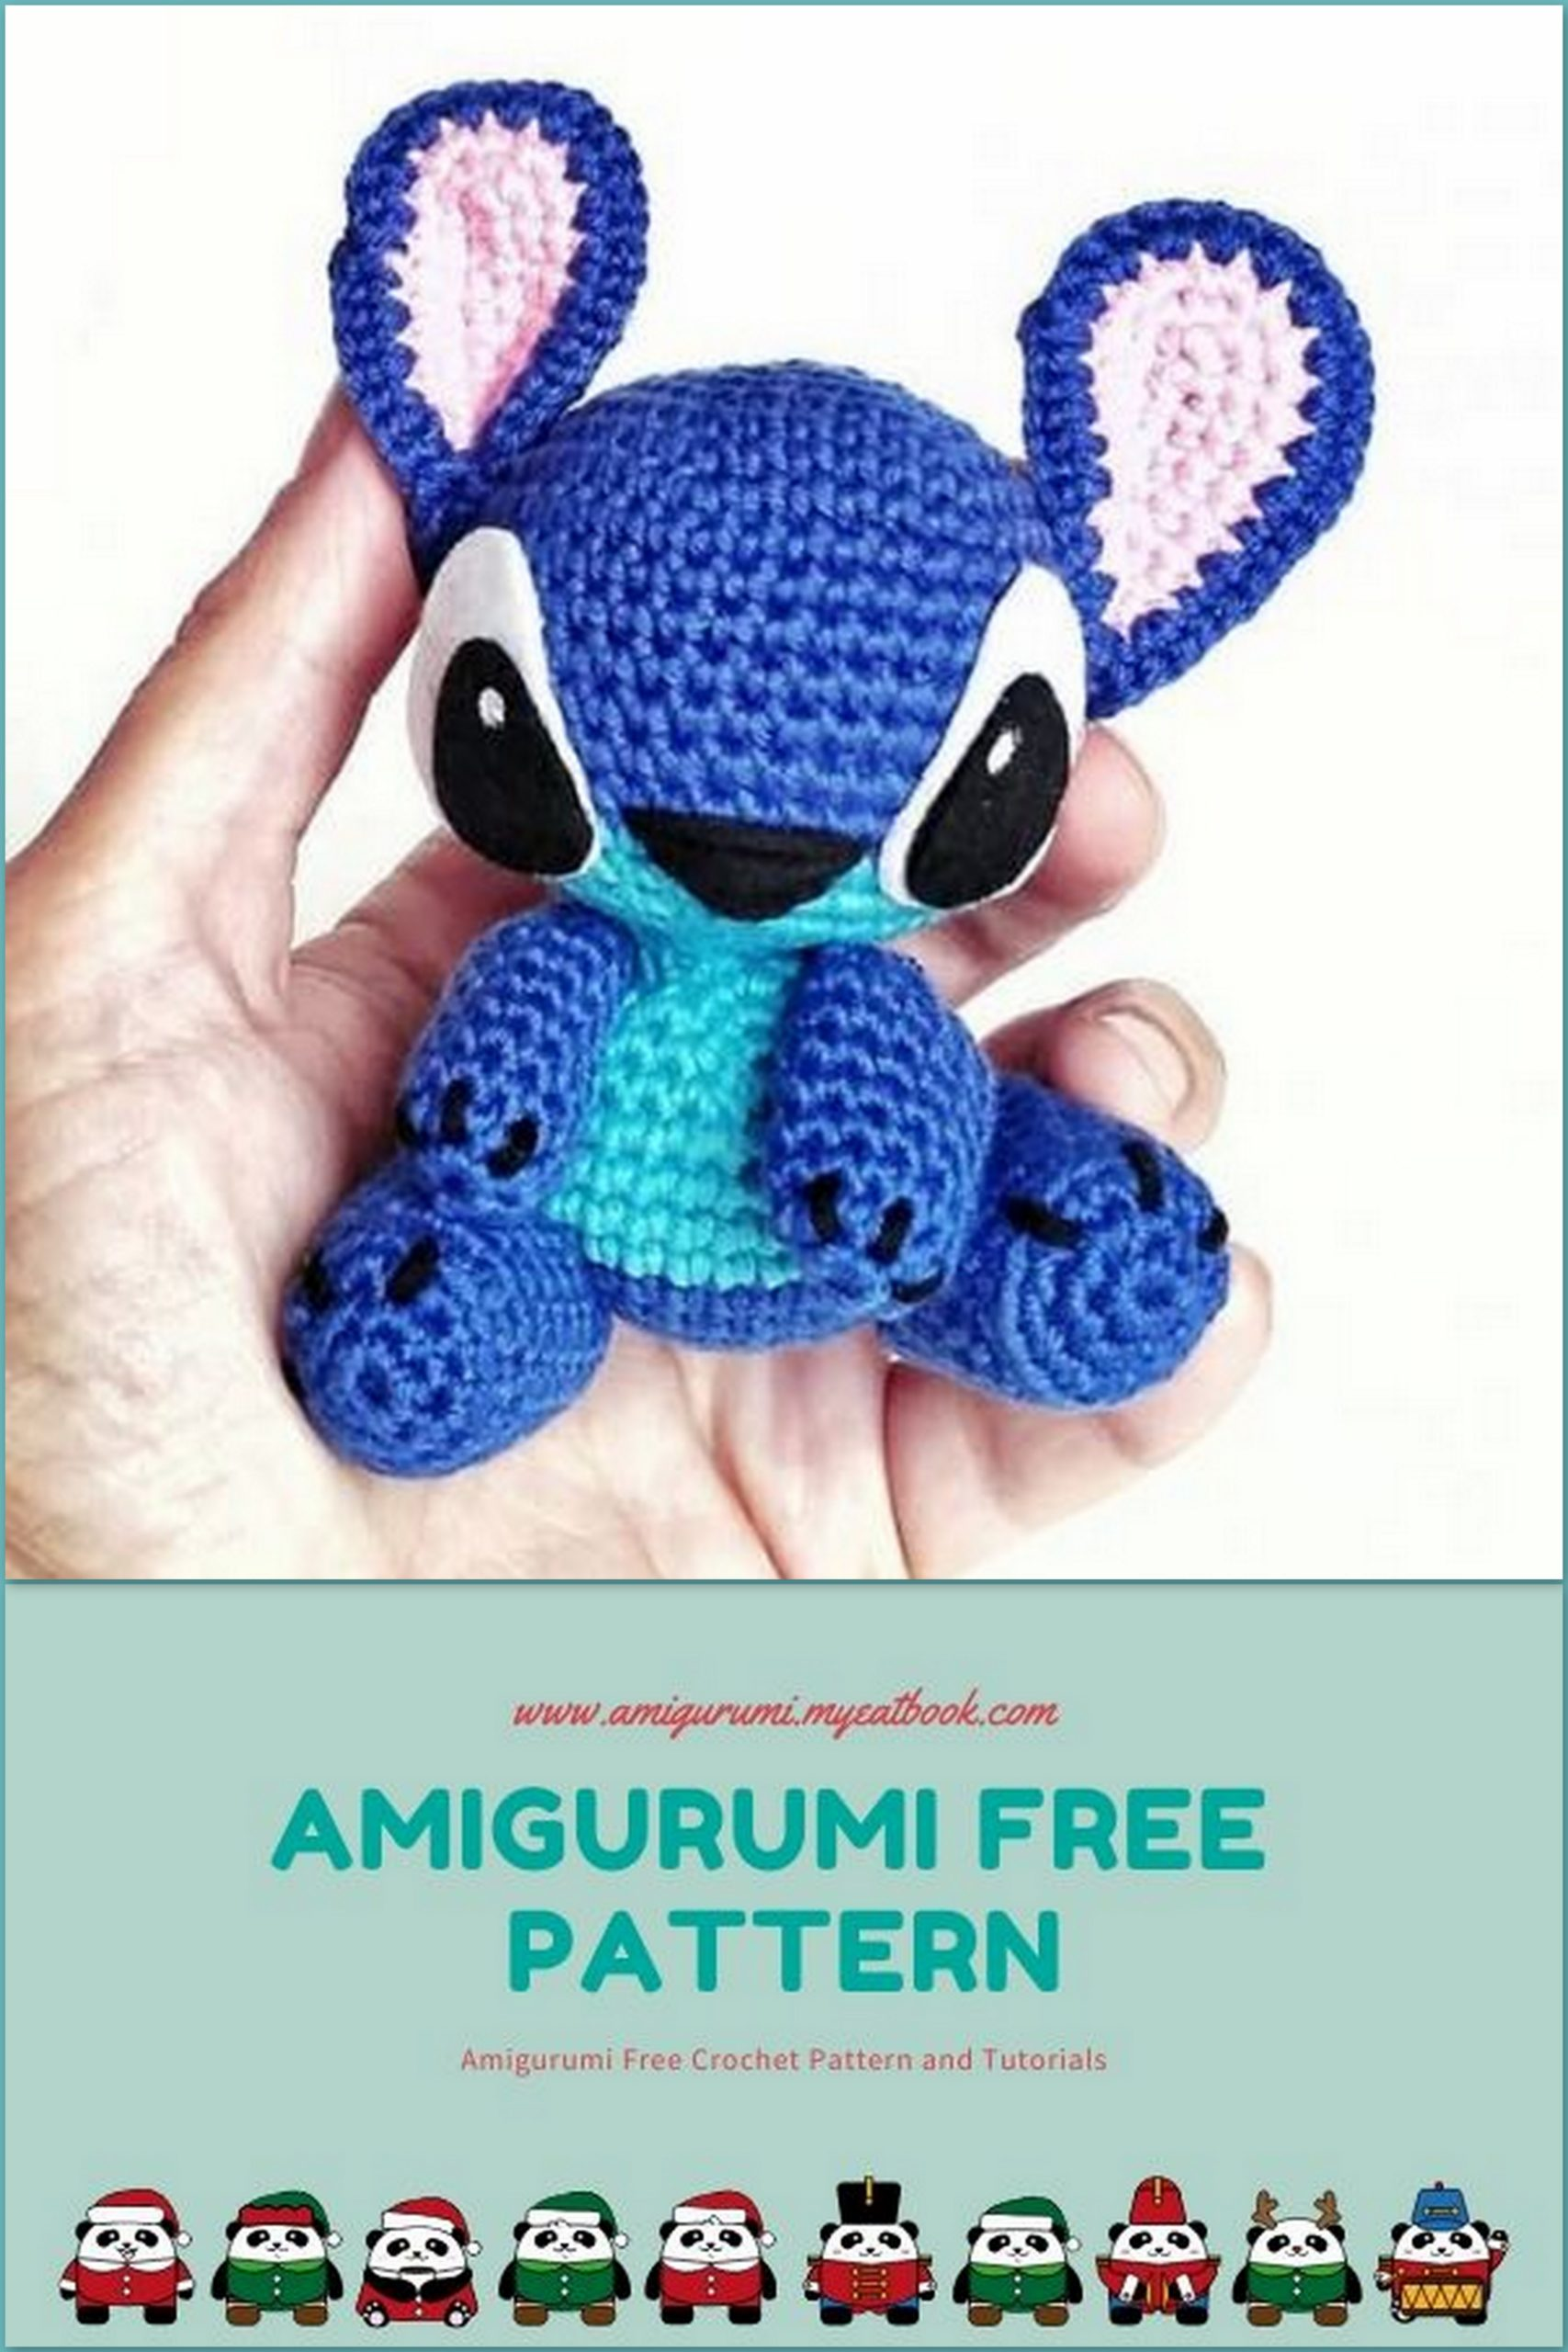 Lamb Crochet Patterns -Amigurumi Tips - A More Crafty Life | 2560x1707